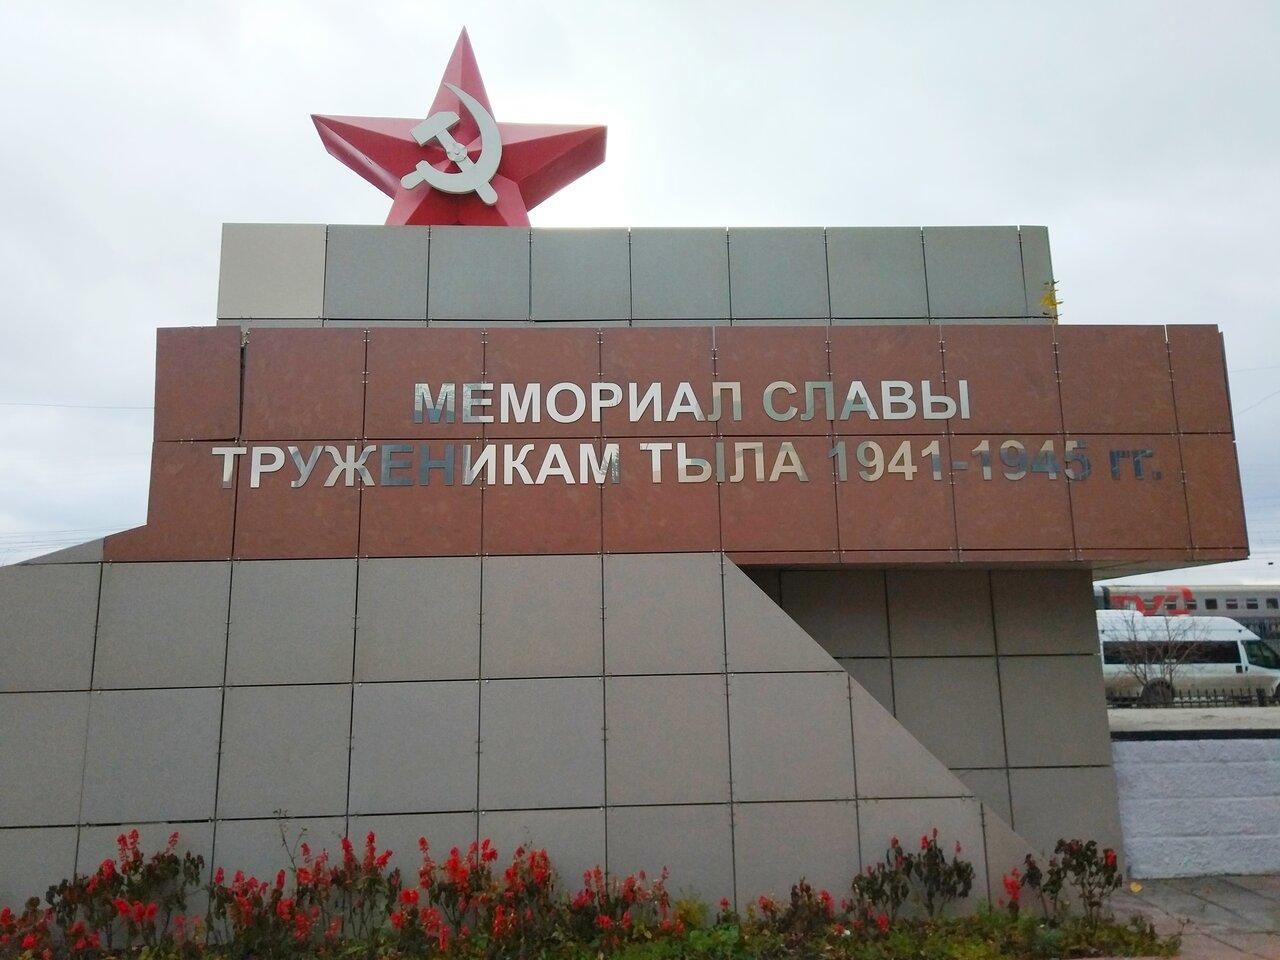 Мемориал труженикам тыла 1941-1945 годов (Новосибирск)